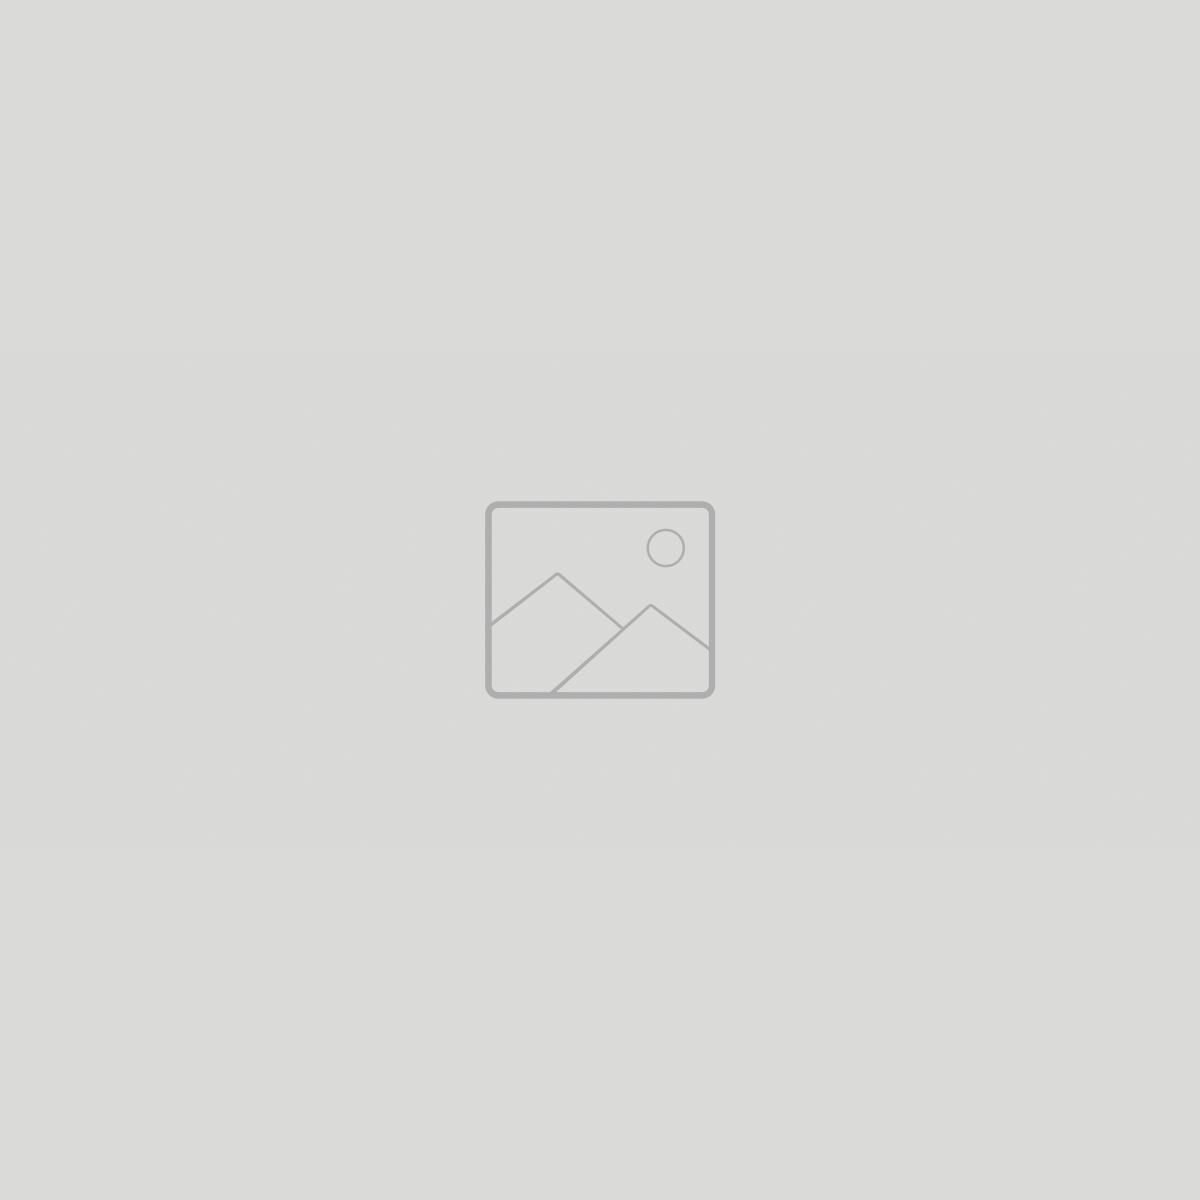 لمس أسود سامسونج كلاكسي S7582 /S7562